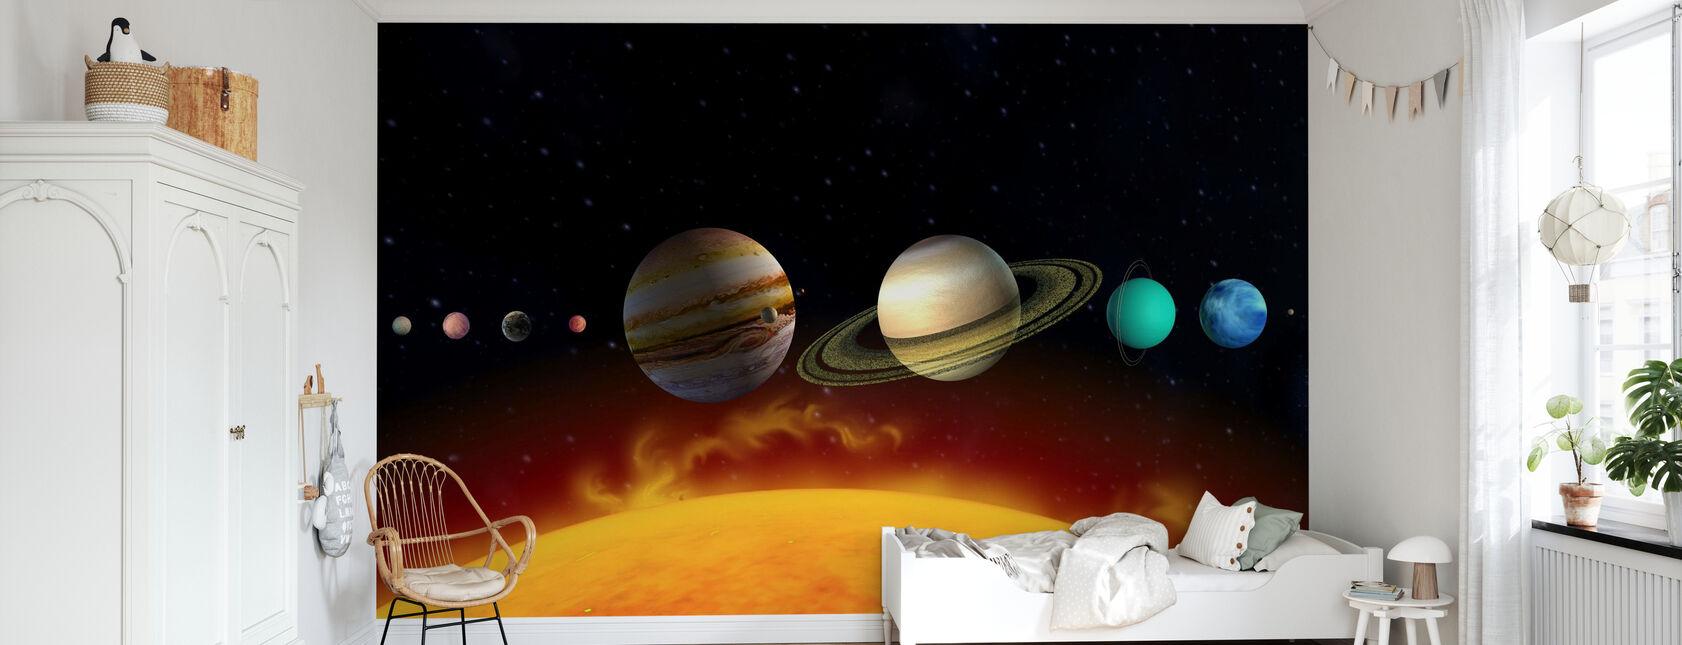 Soleil et Planètes - Papier peint - Chambre des enfants